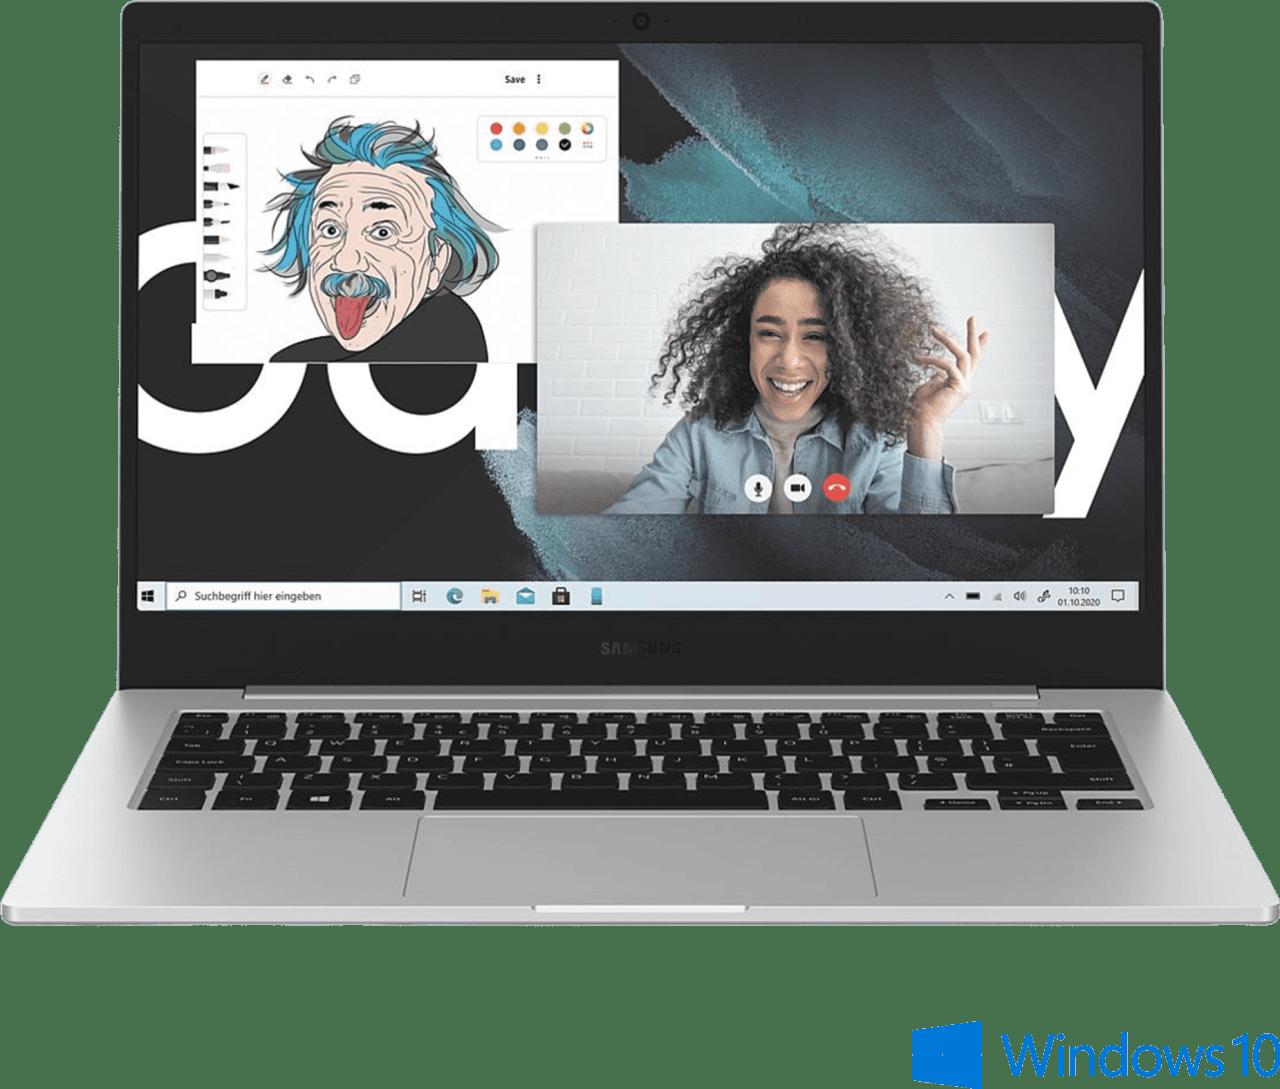 Mystisches Silber Samsung Galaxy Book Go LTE Notebook - Qualcomm 7C - 4GB - 128GB eUFS - Qualcomm® Adreno 618.2